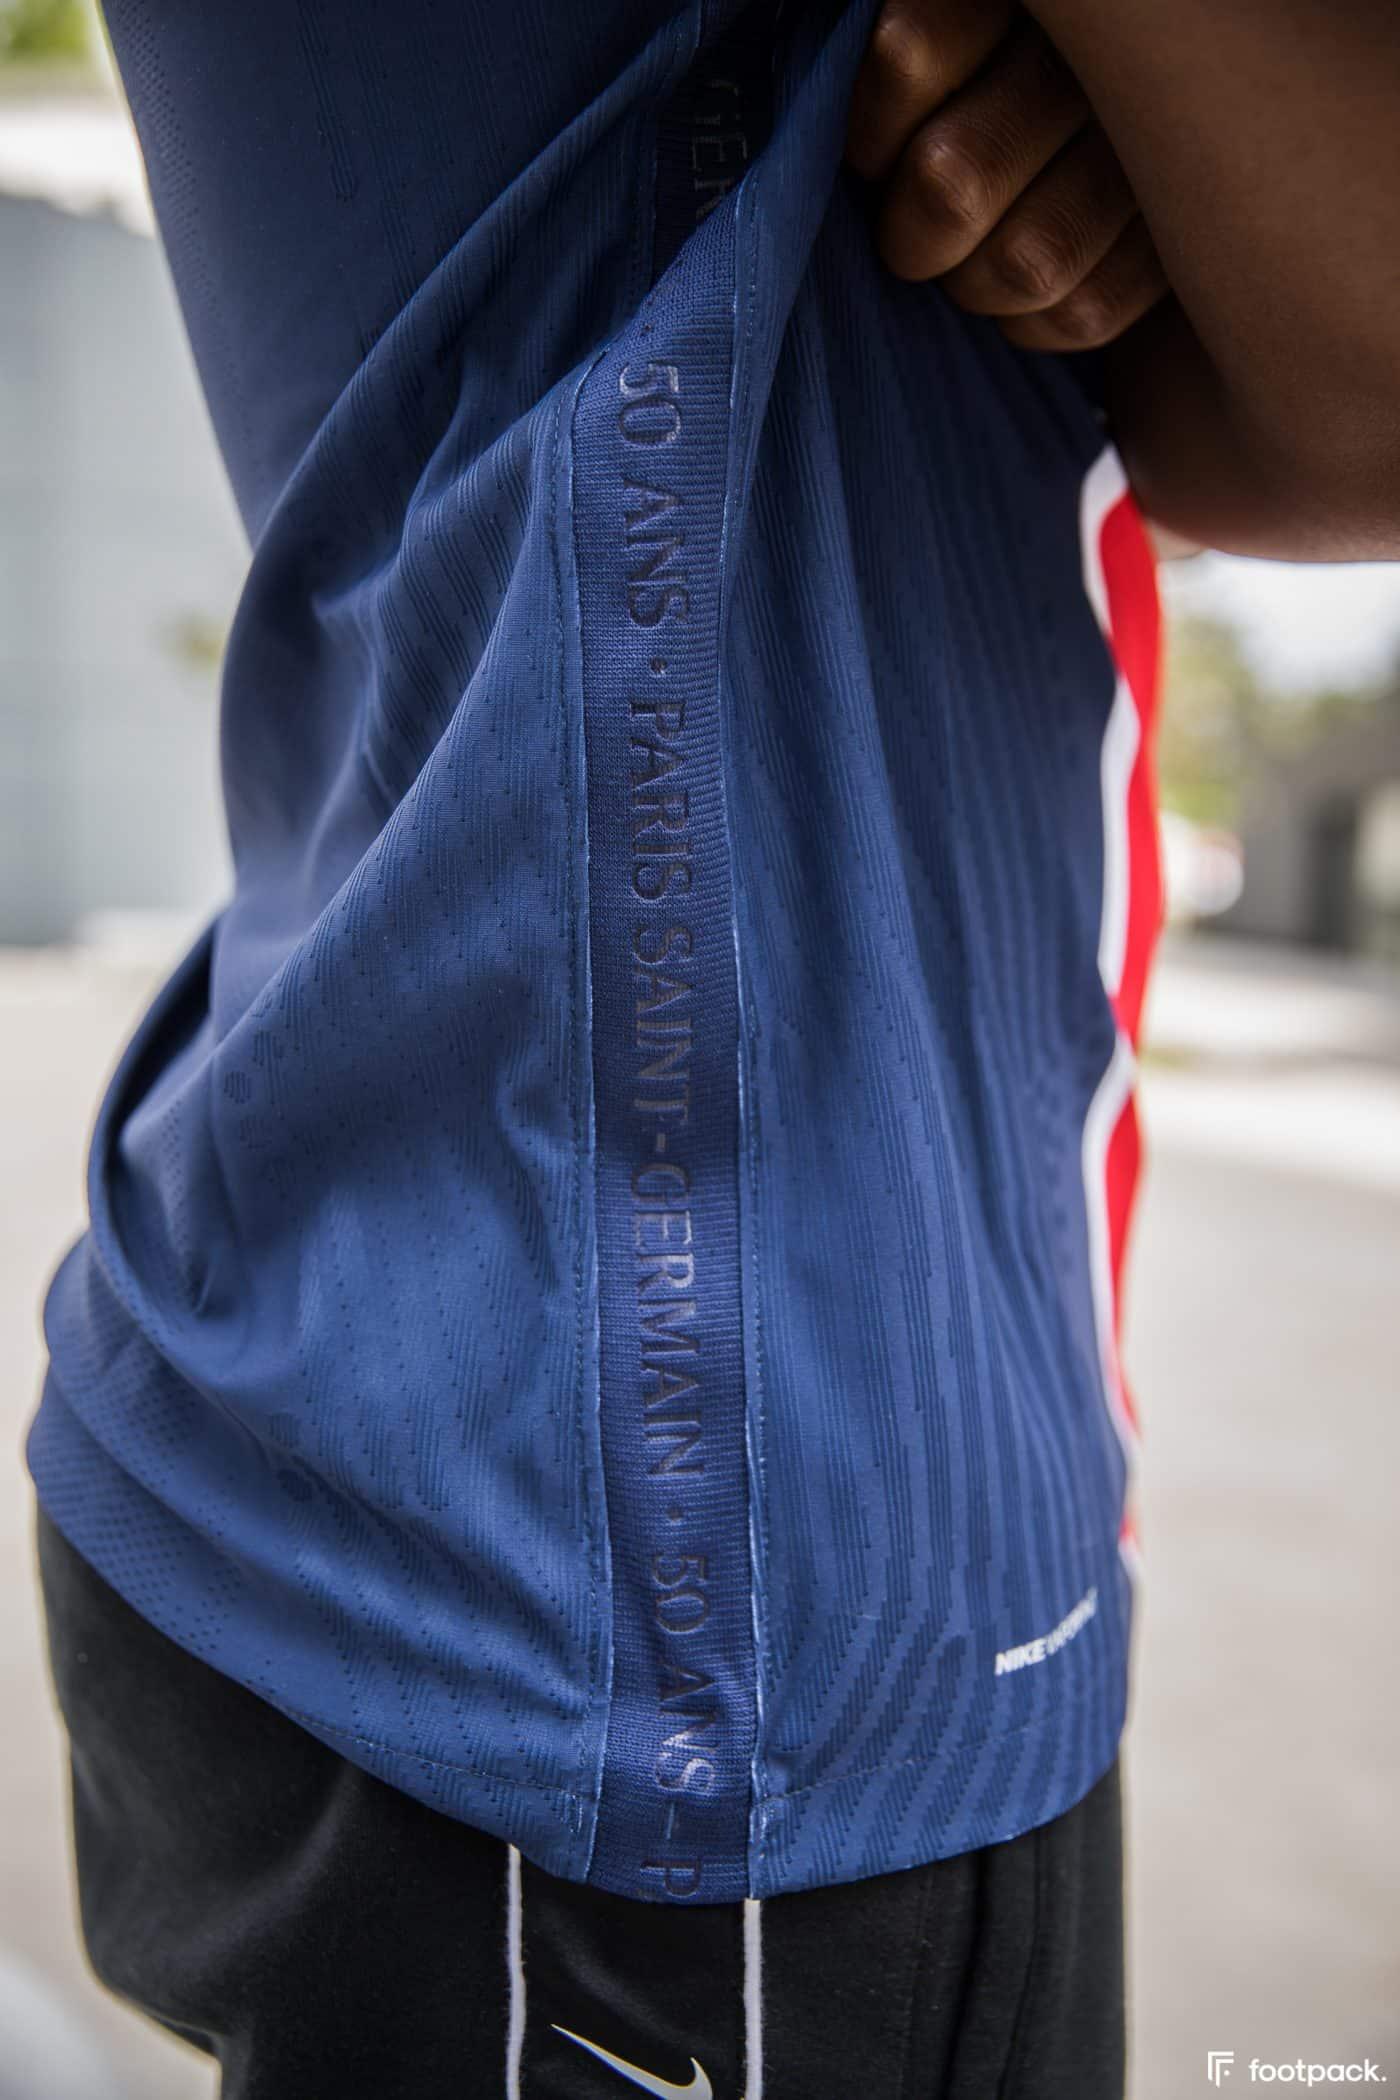 maillot-domicile-psg-2020-2021-nike-footpack-14